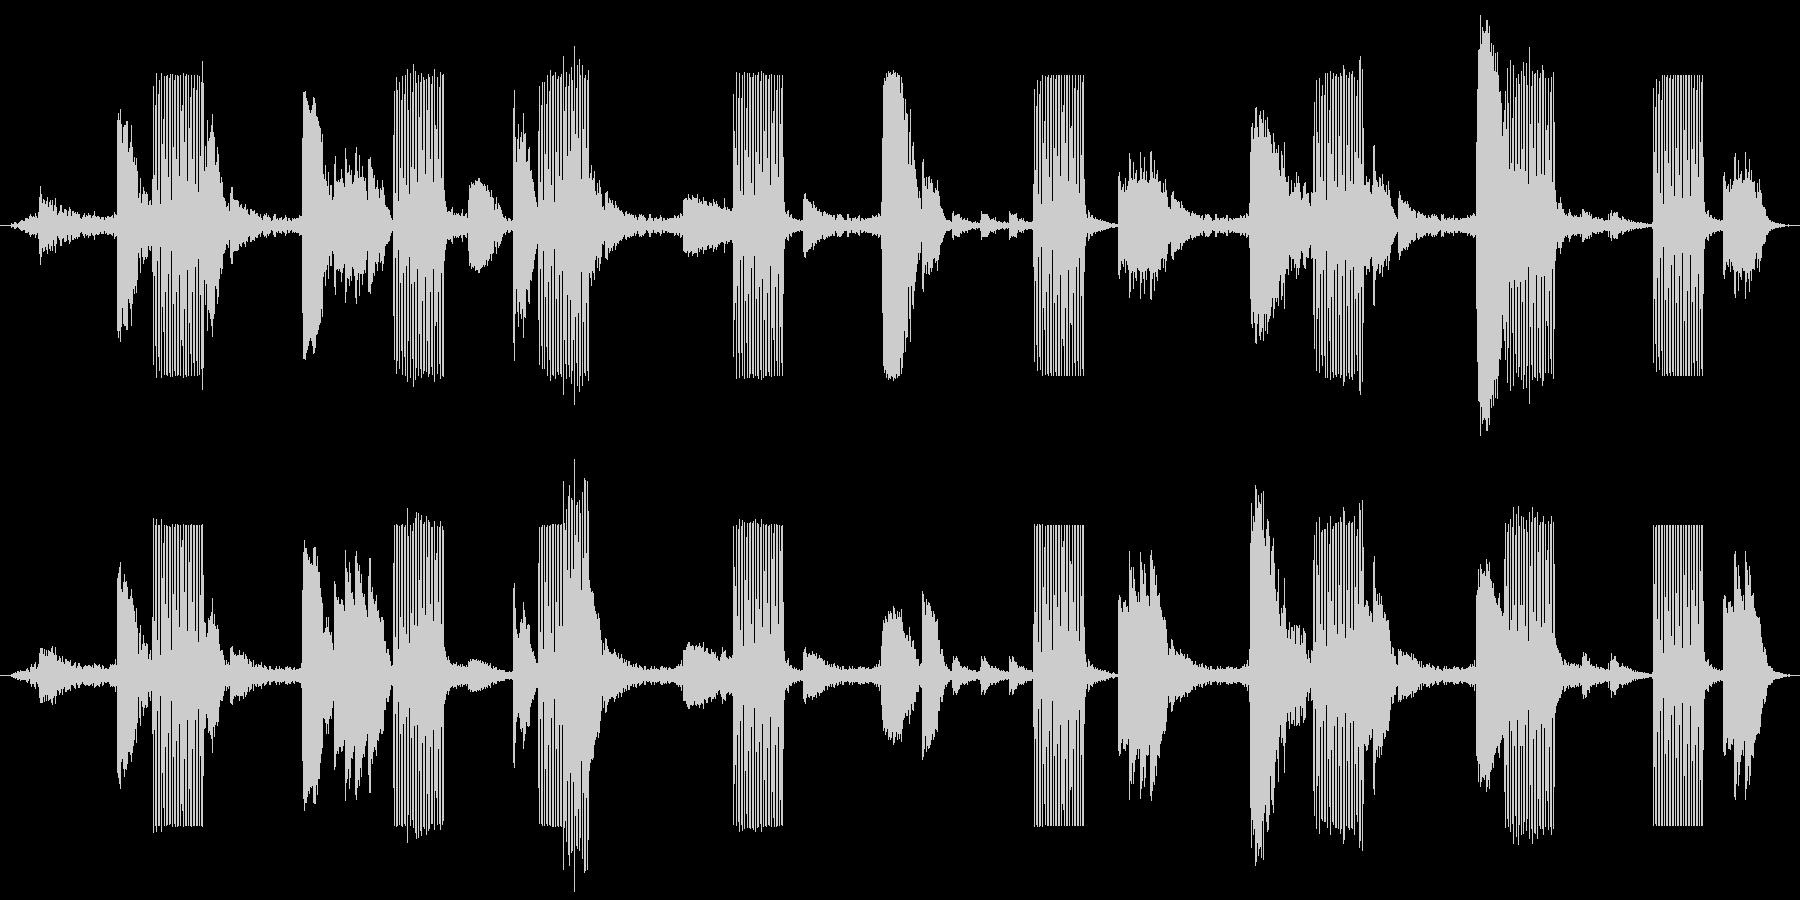 戦場イメージの効果音(タイプA)の未再生の波形